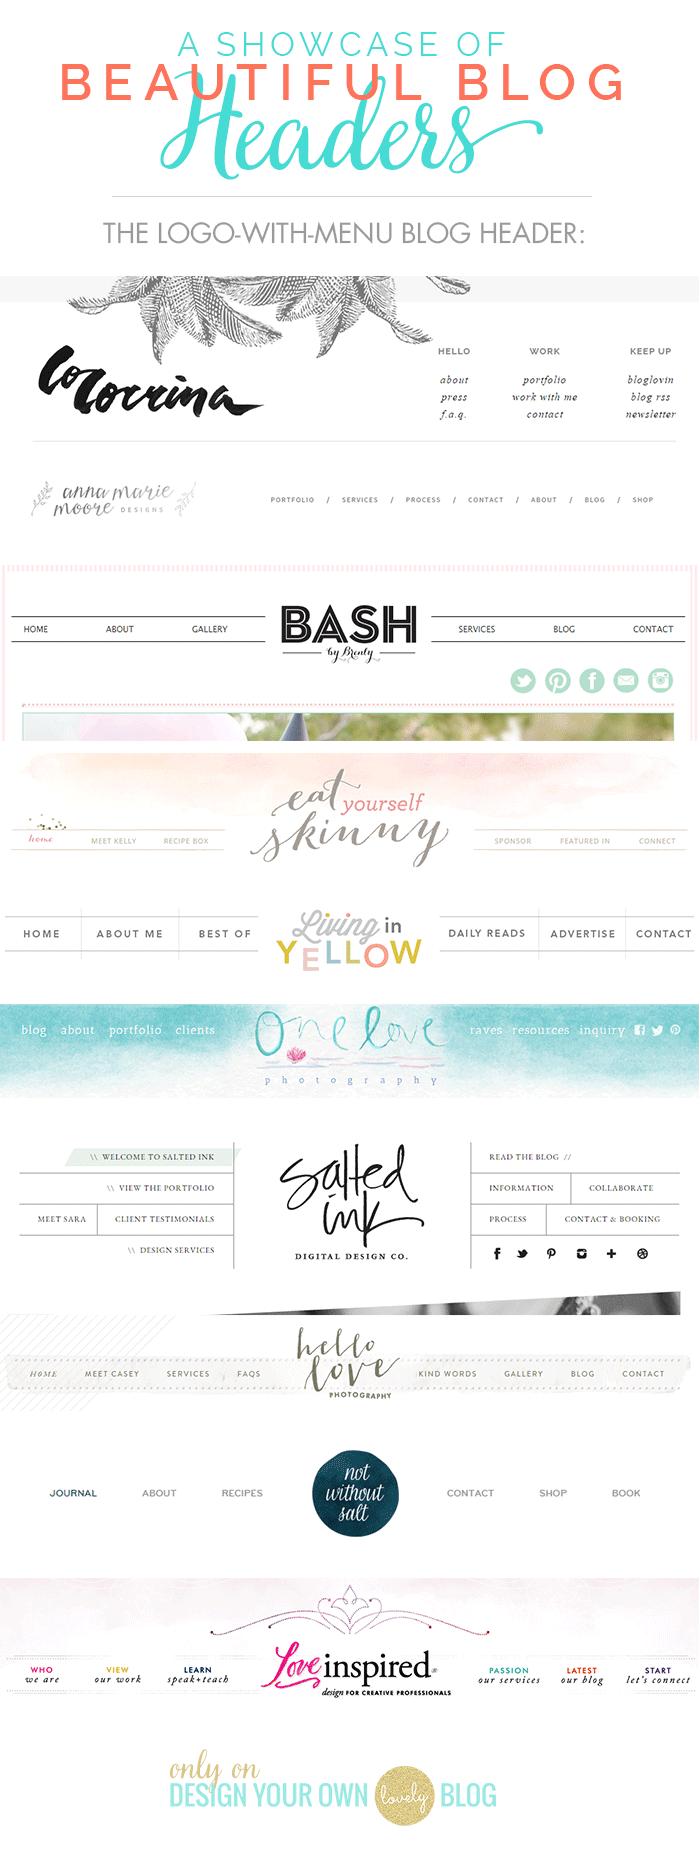 Beautiful blog headers balanced with logos and menu bars. See more blog header inspiration at DesignYourOwnBlog.com.